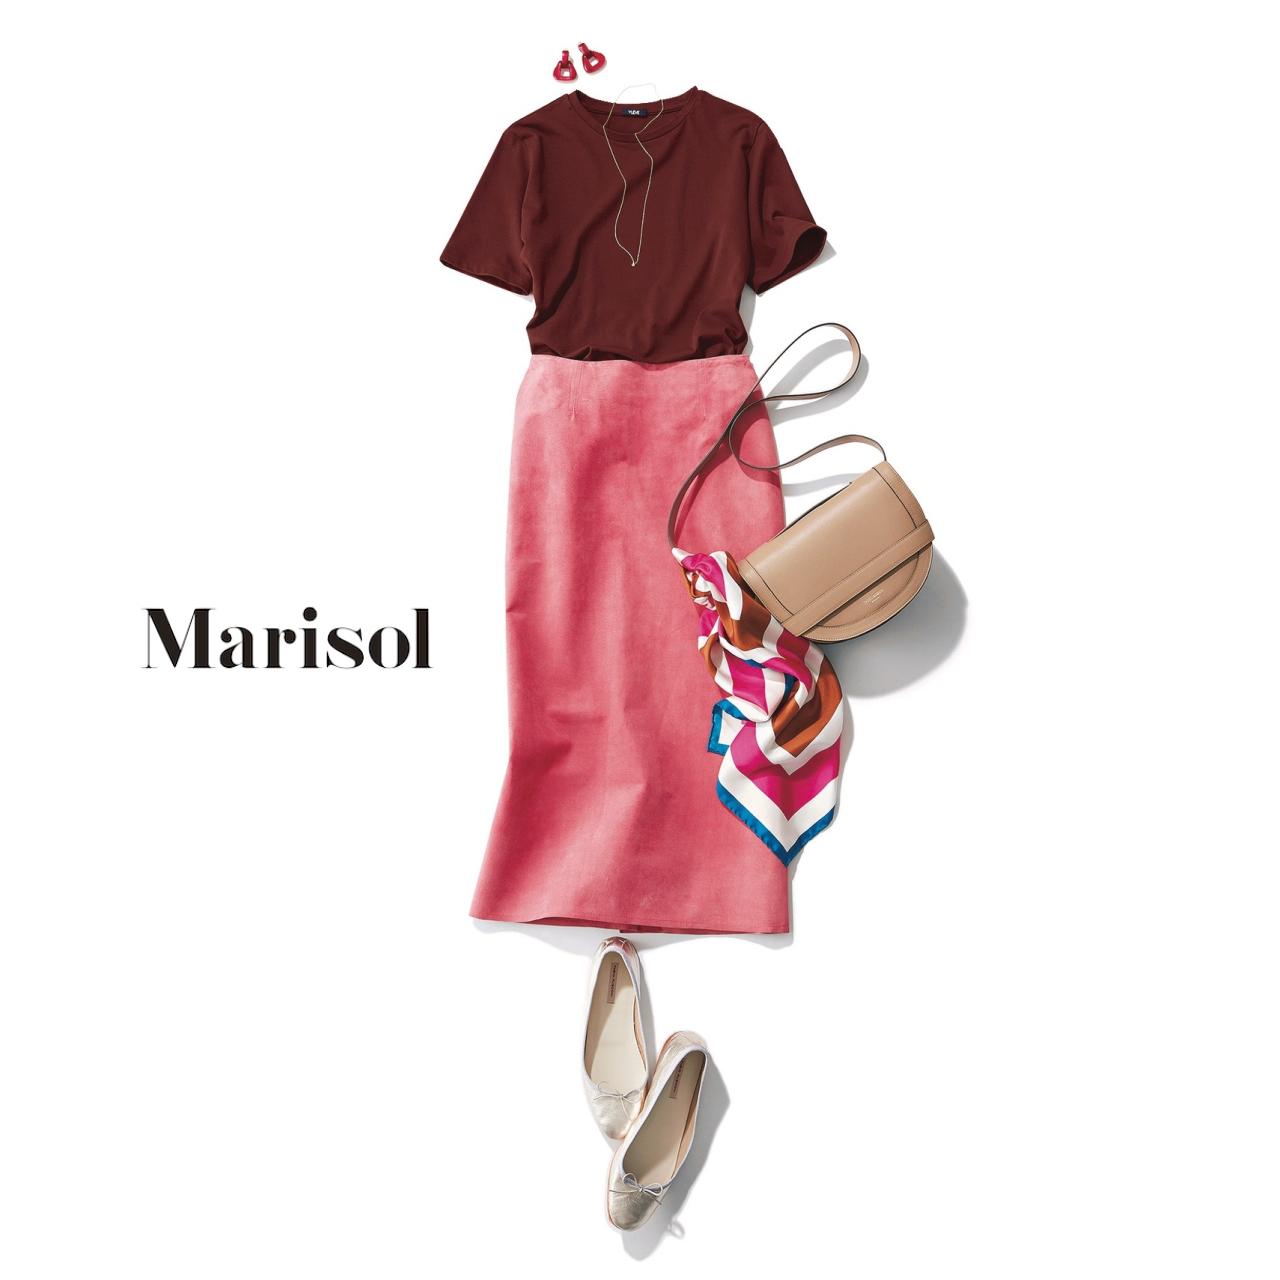 40代ファッション ブラウンTシャツ×ピンクタイトスカートコーデ